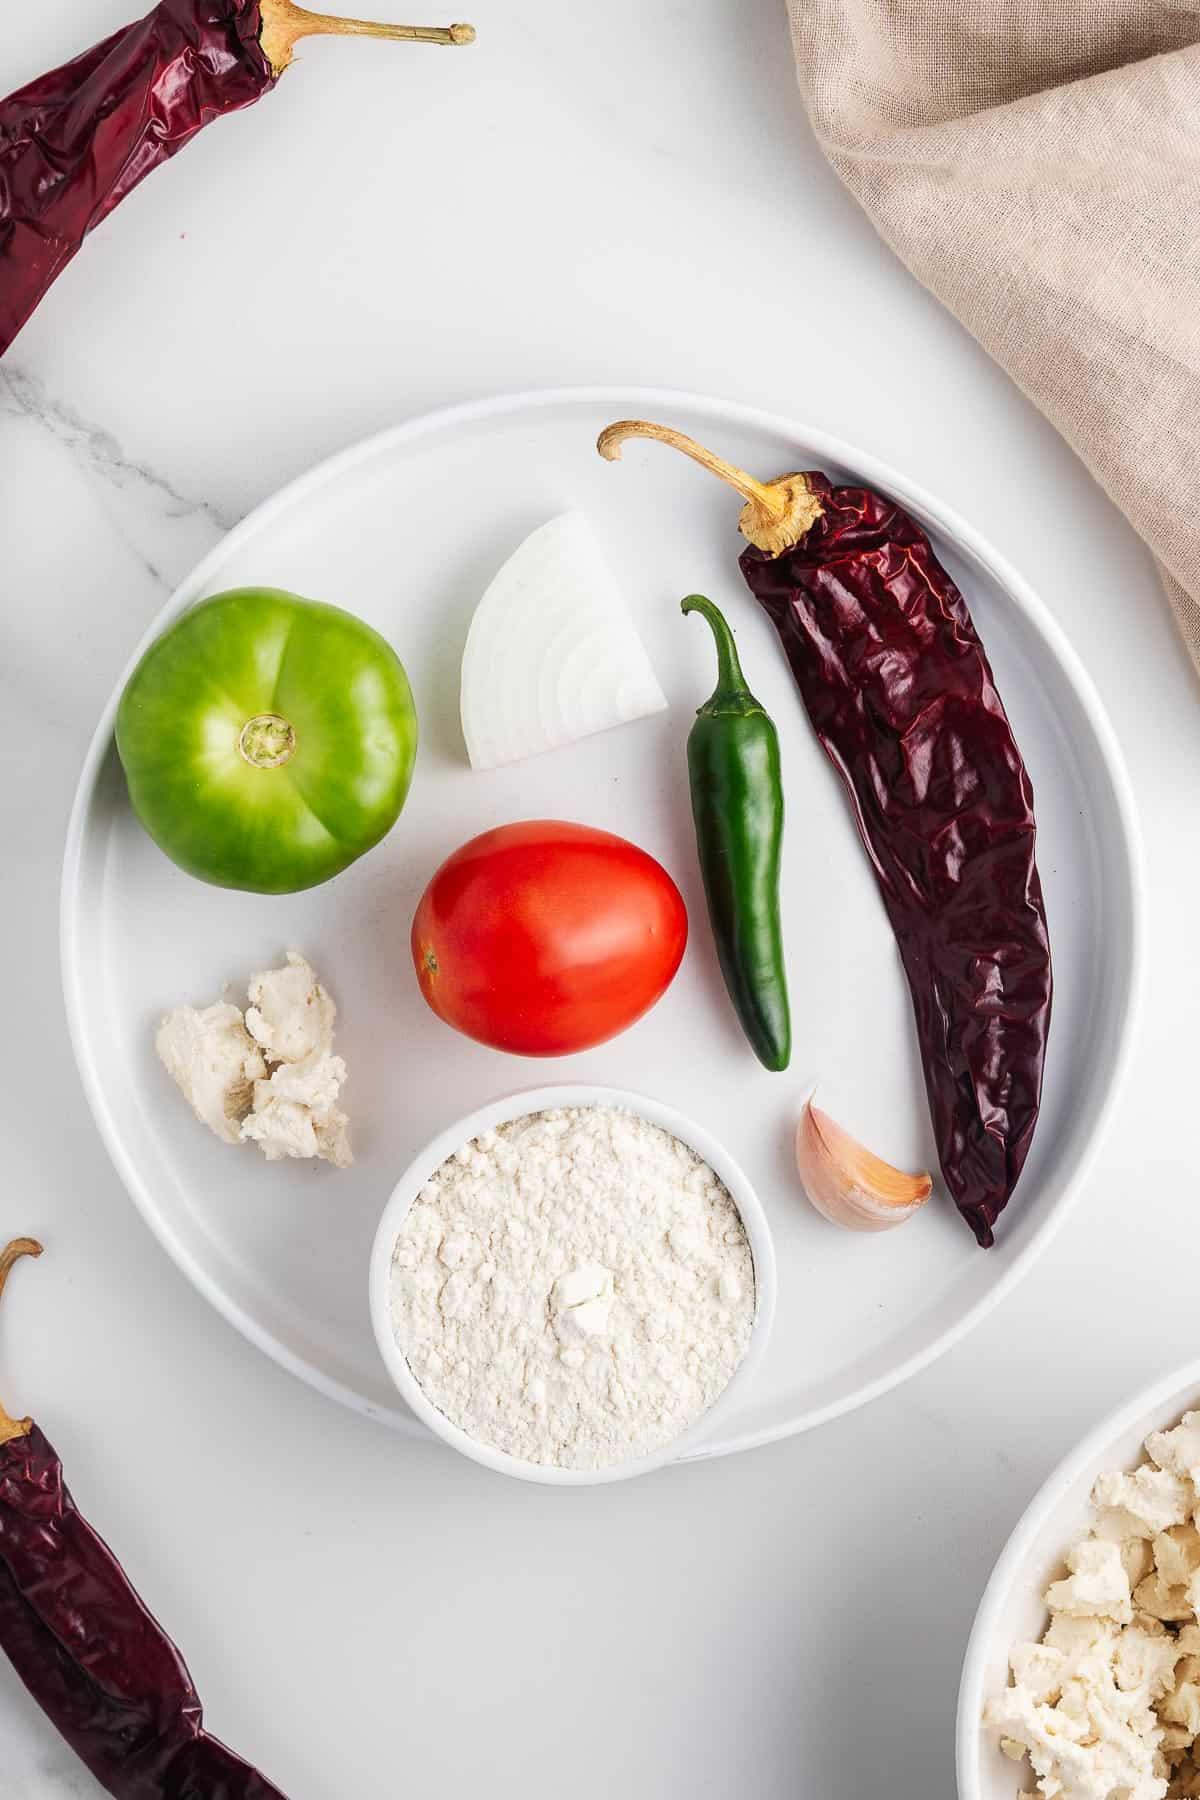 Tomato, Tomatillo, Guajillo Chile, Serrano Chile, Masa Harina, Garlic, Queso Fresco, and Onion